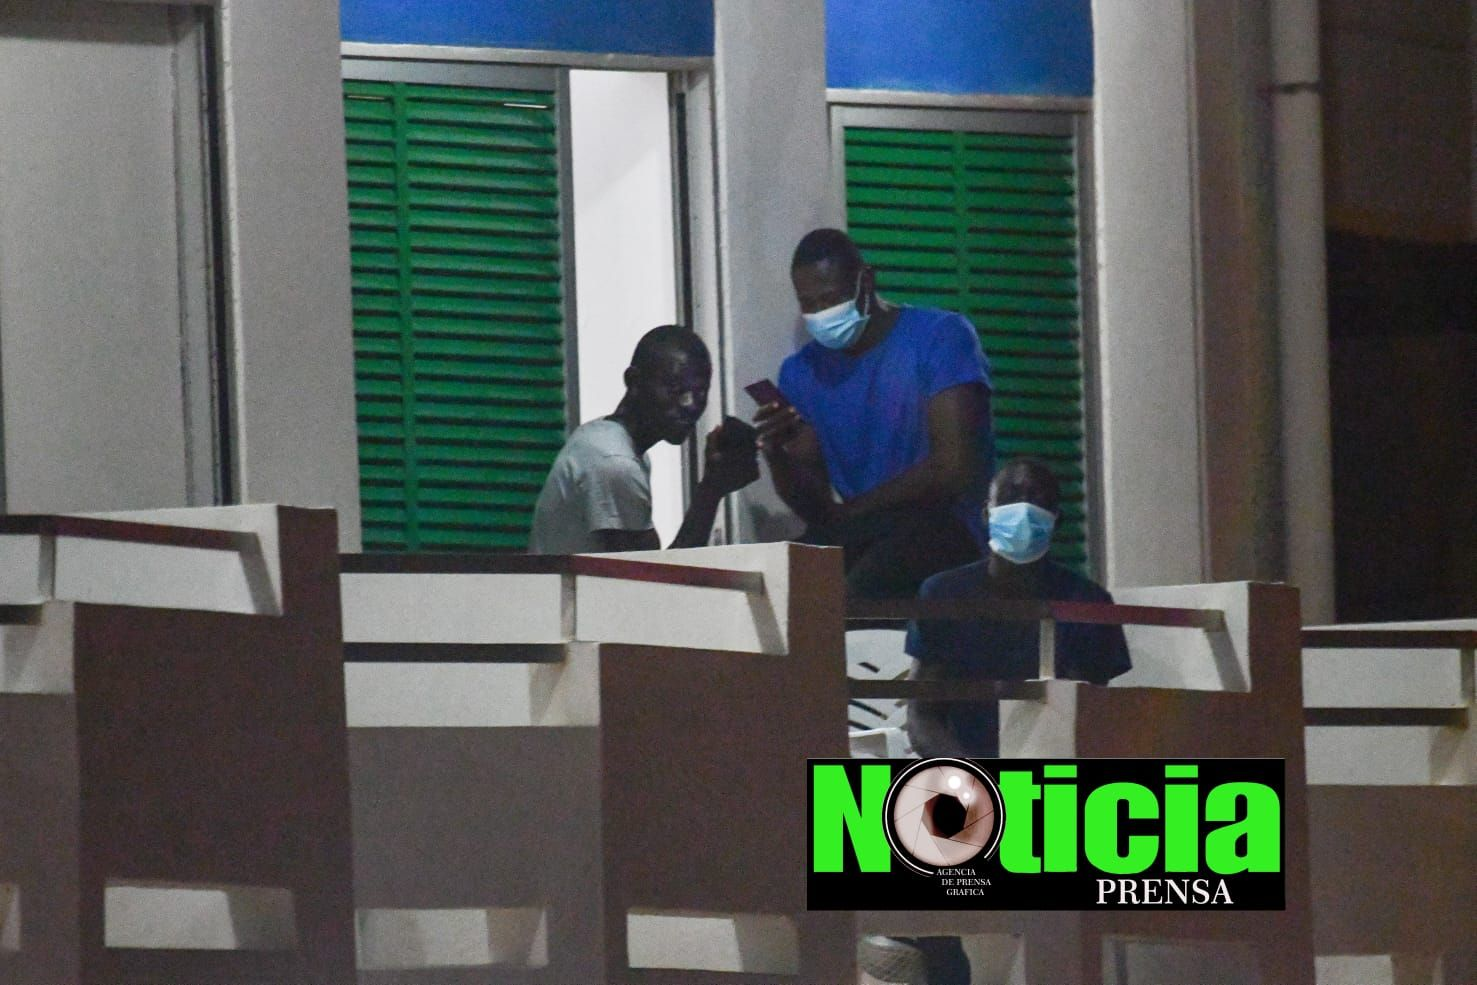 Migrantes en un hotel de Tenerife